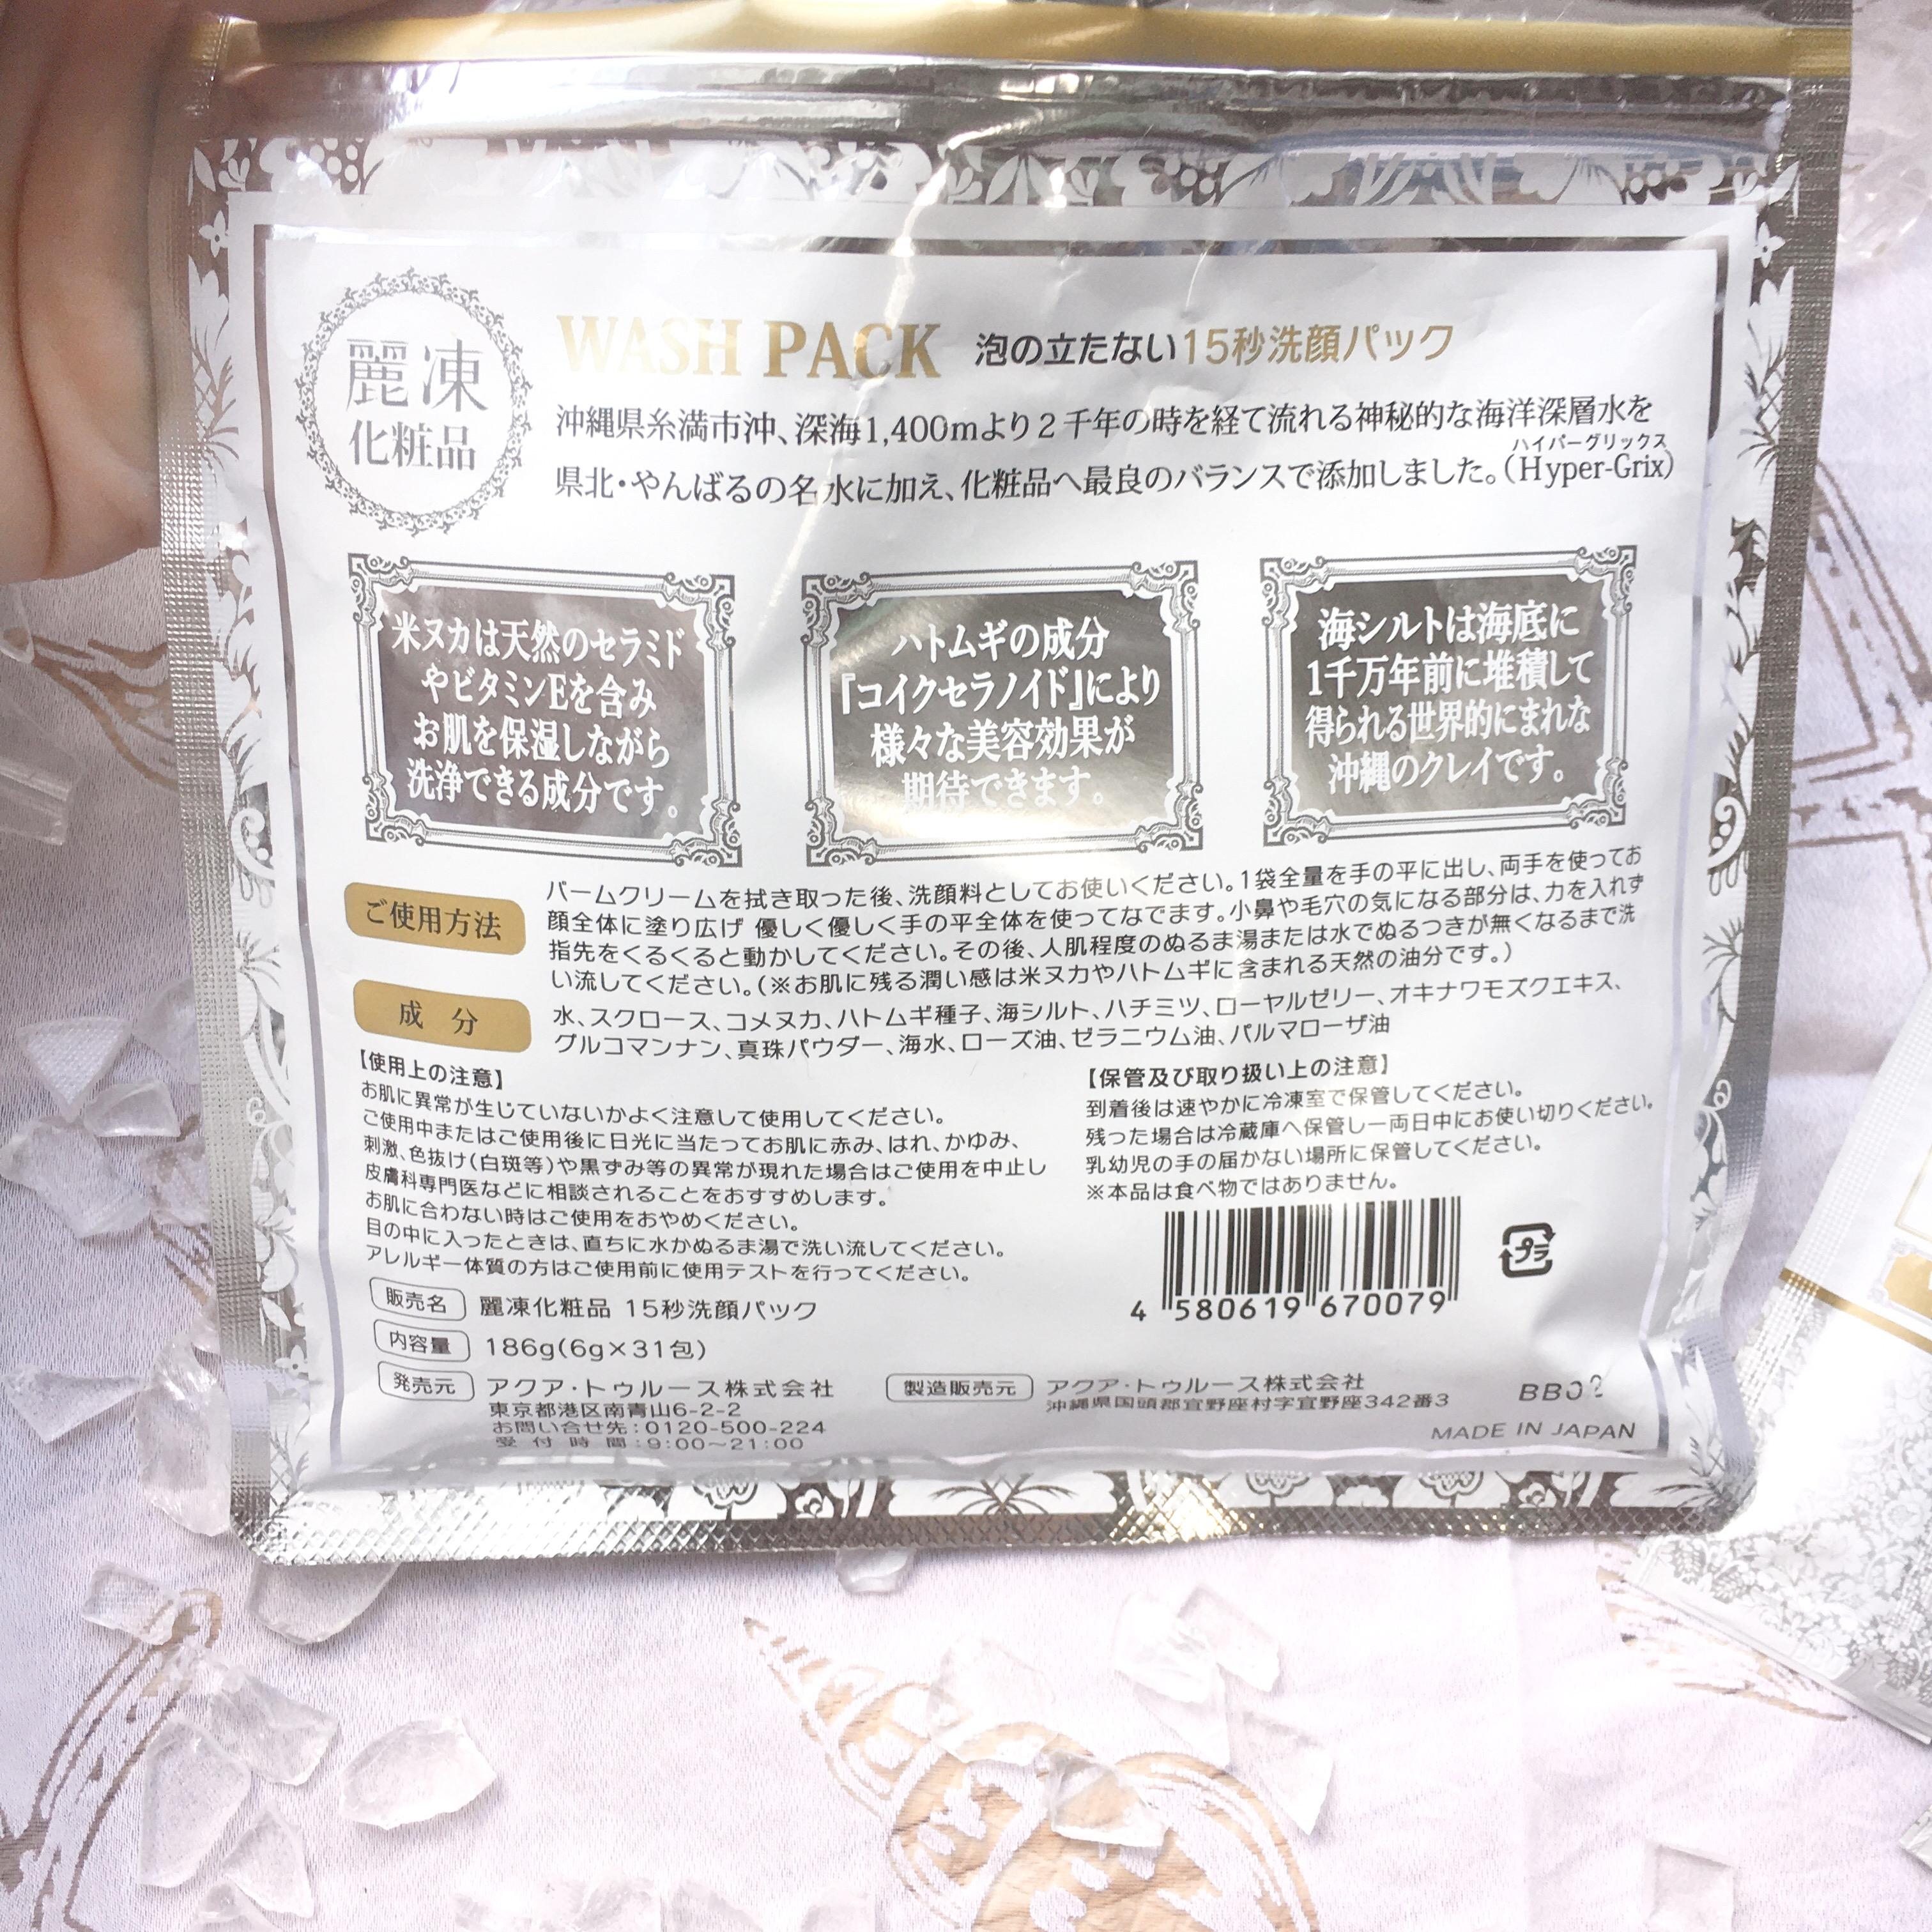 麗凍化粧品(Reitou Cosme) 15秒洗顔パックの良い点・メリットに関するぶるどっくさんの口コミ画像2